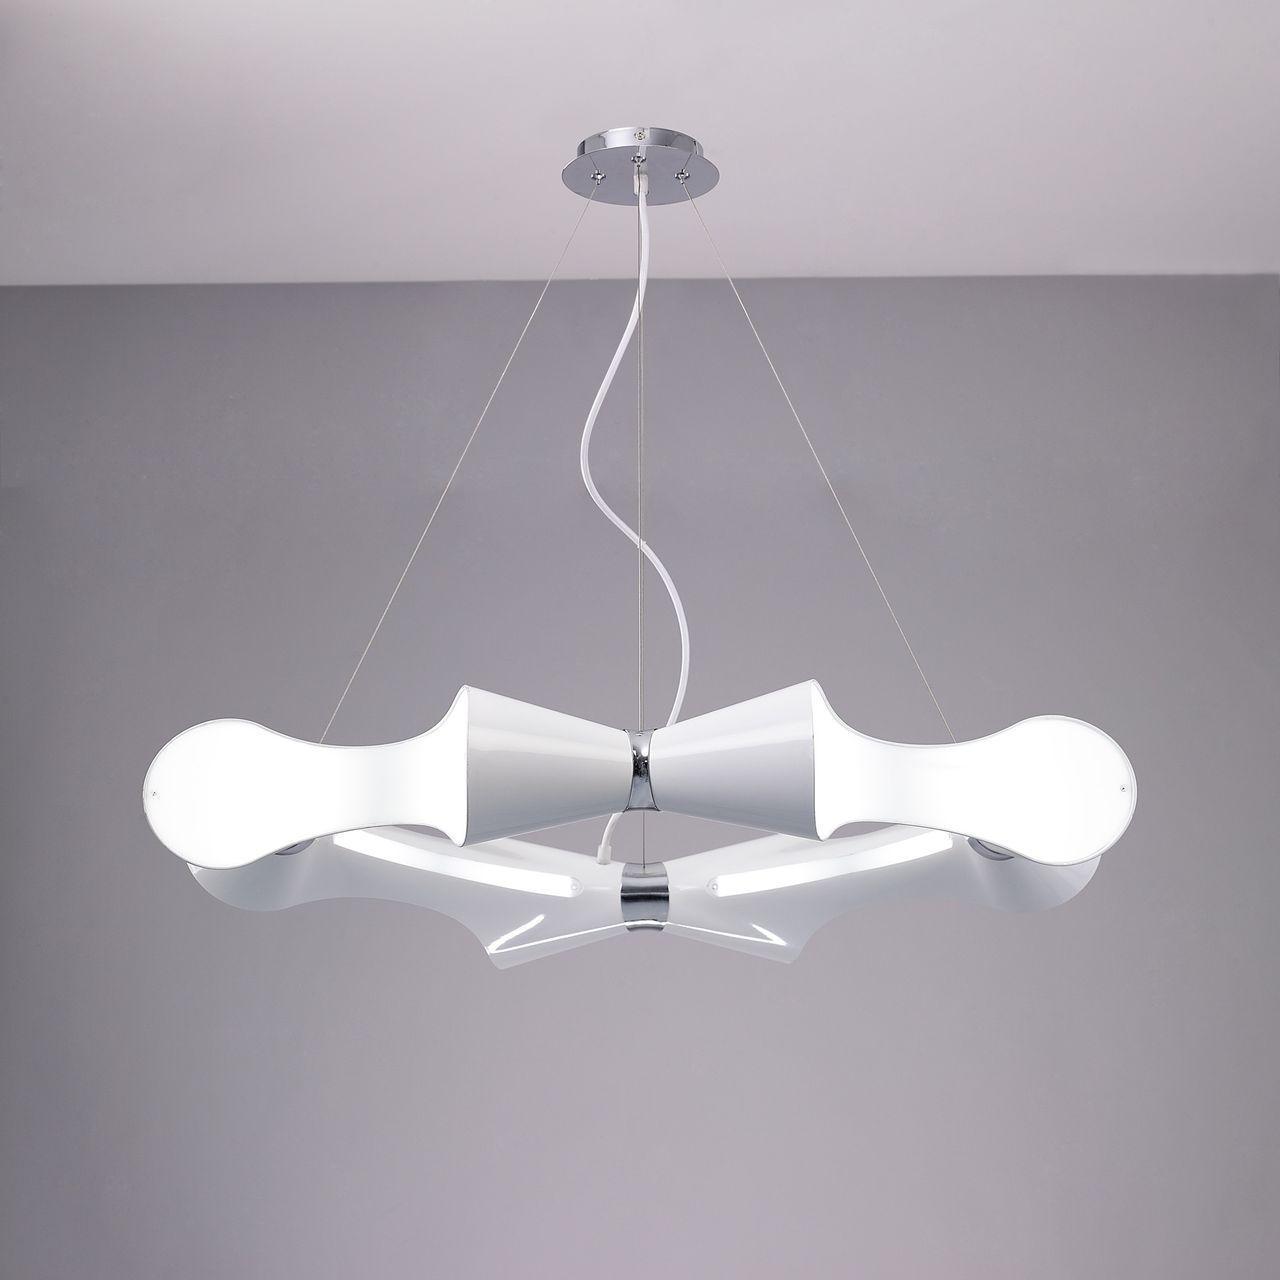 Подвесной светильник Mantra Ora 1541 подвесной светильник mantra ora 1541